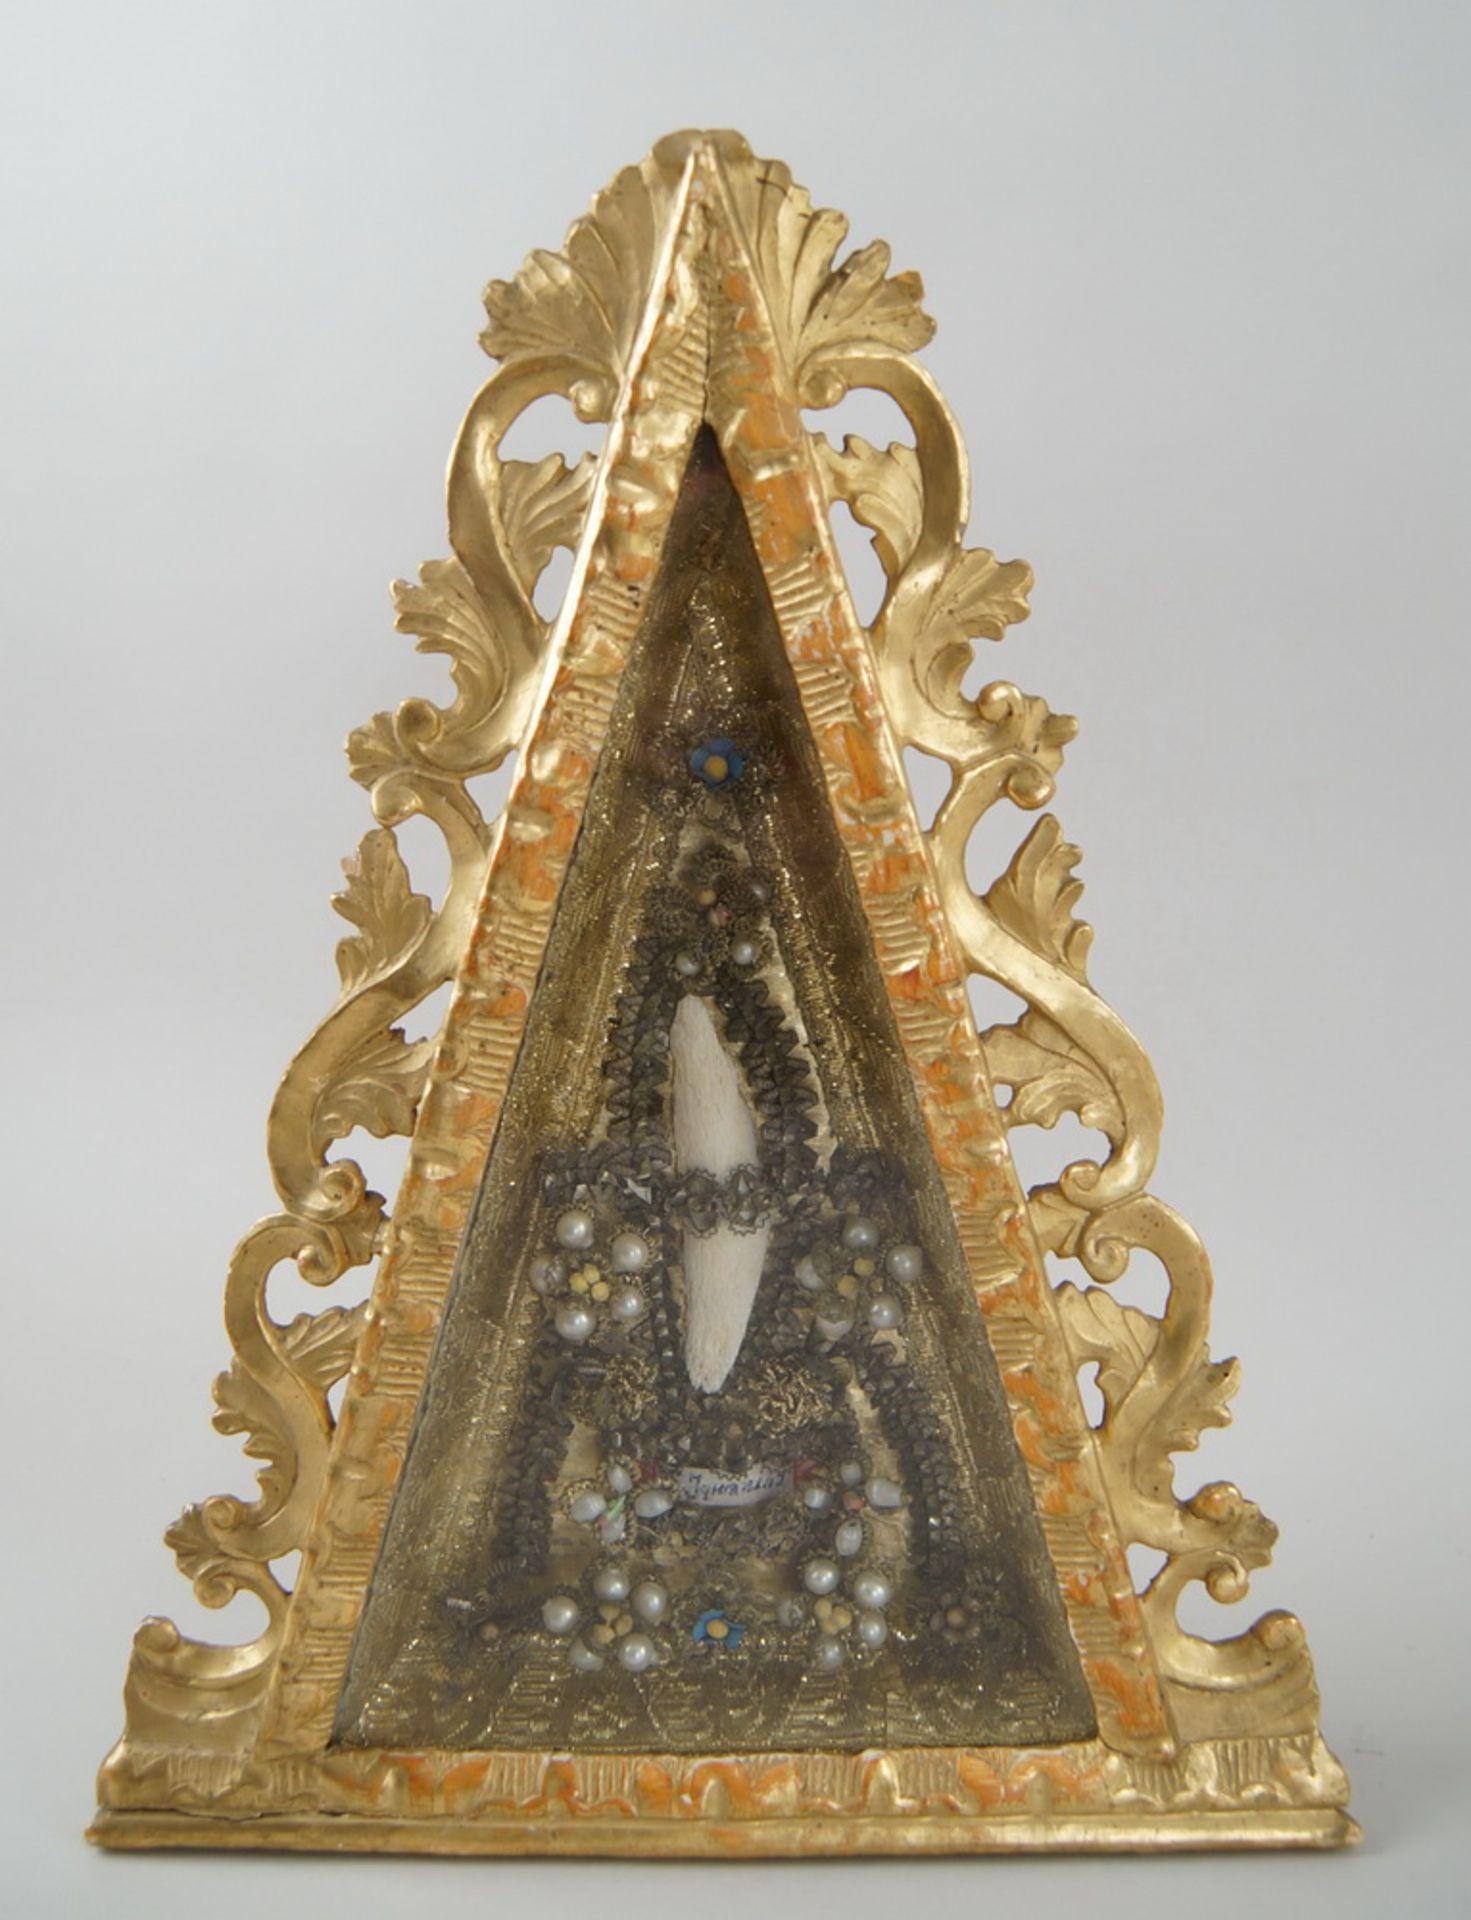 Los 44 - Prächtige Reliquie / Klosterarbeit, S. Ignazius, im Holzschrein, mit üppigerGoldfadenstrickerei